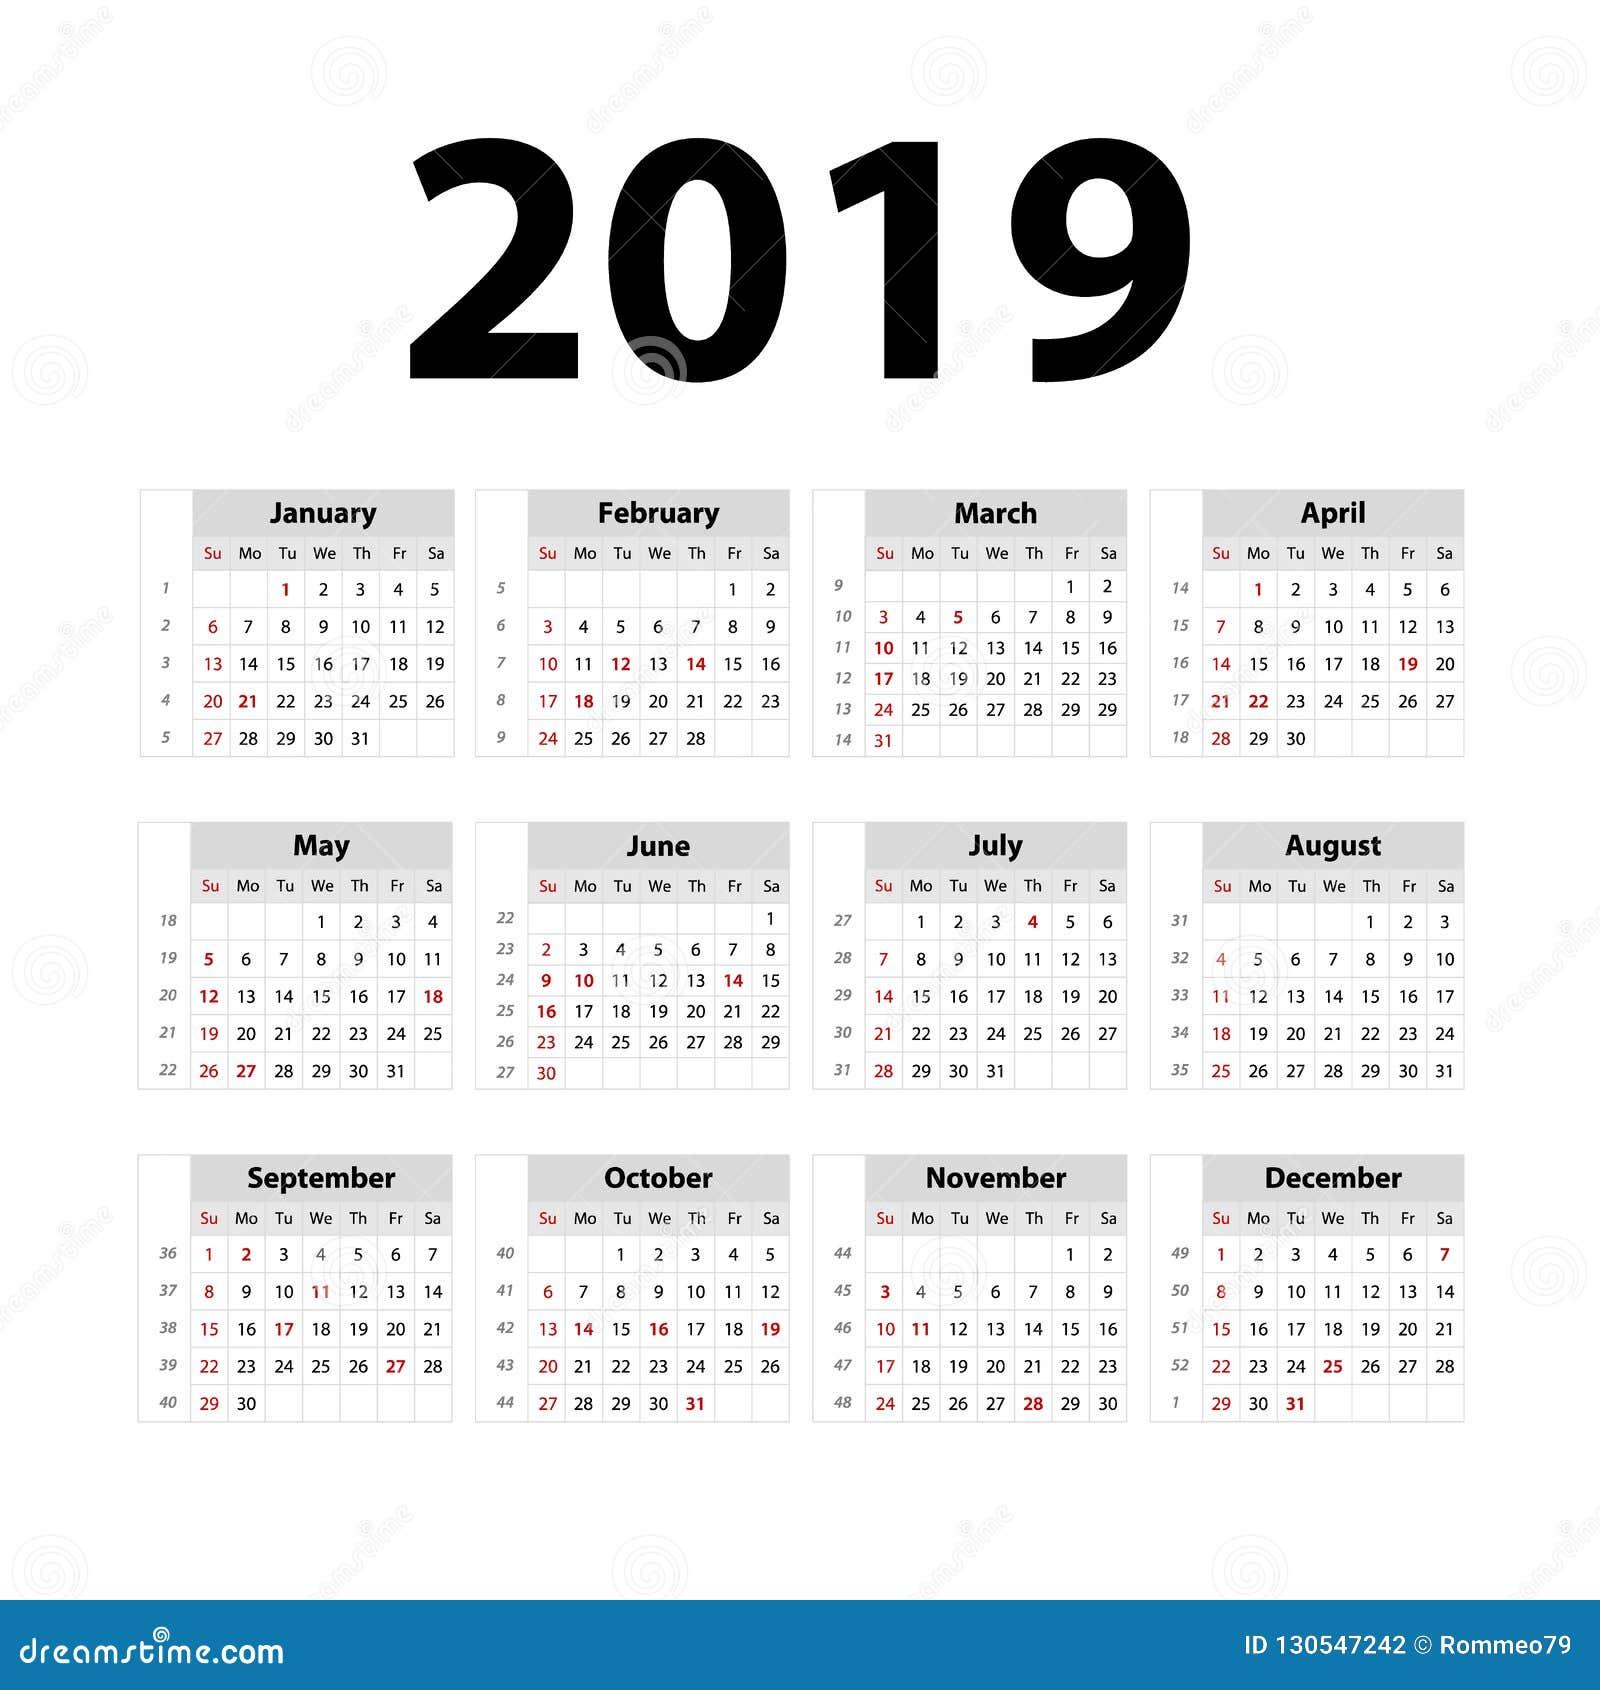 Semana Calendario.Calendario 2019 Del Vector Gris Comienzo De La Semana El Domingo